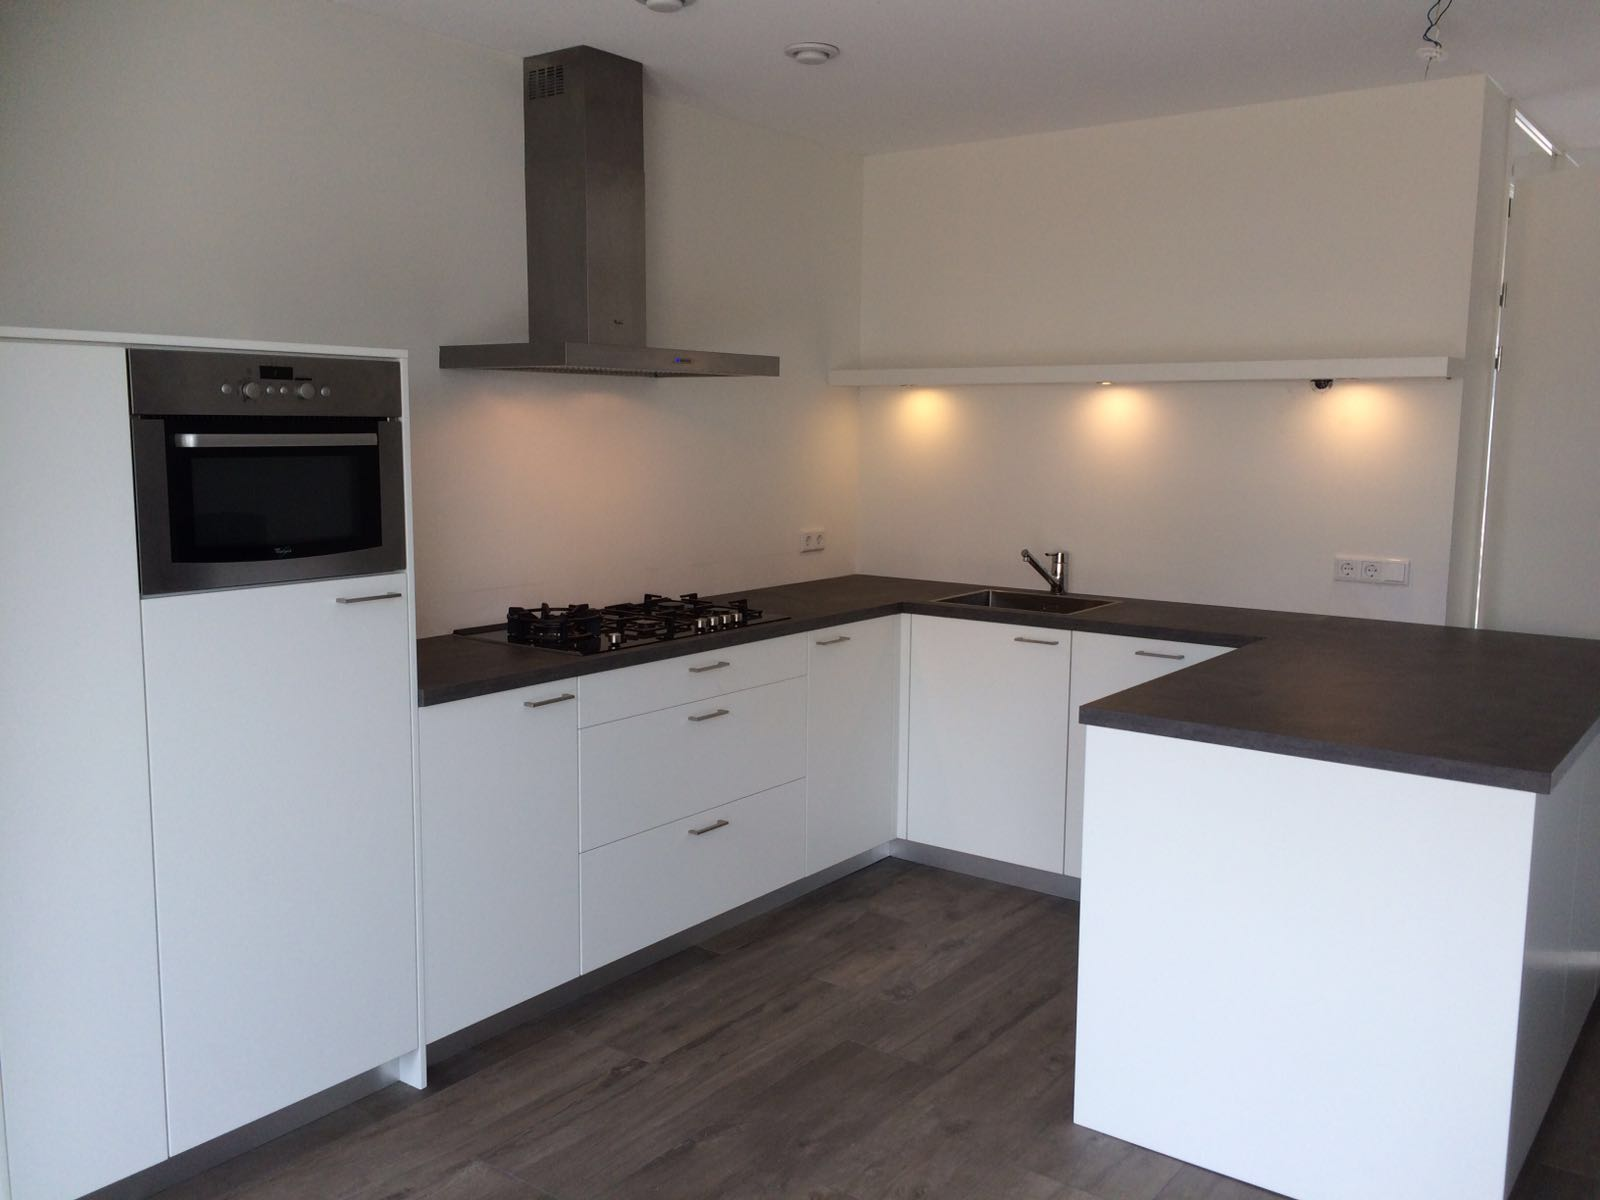 Strakke keuken wit van doren maatinterieurs - Witte keukens ...